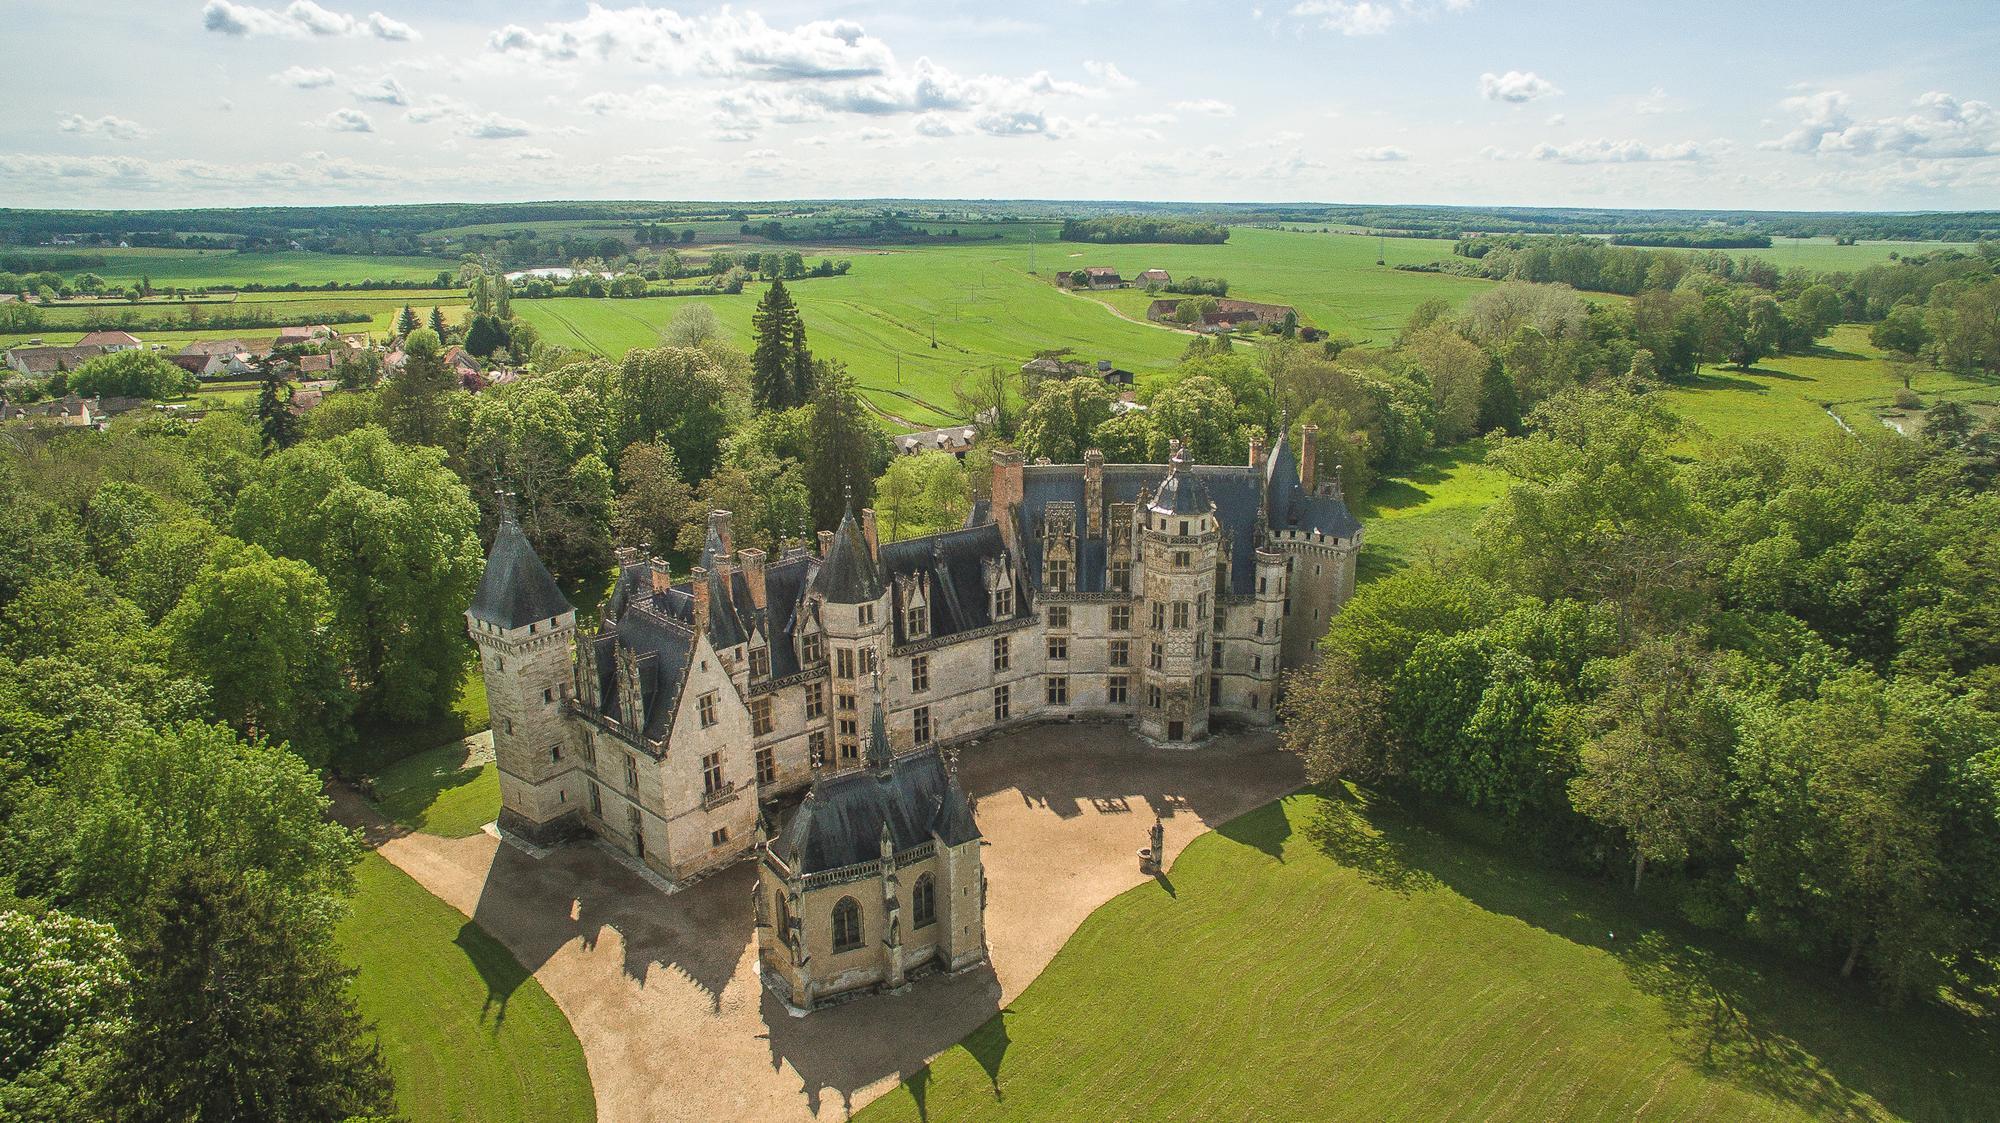 chateau de meillant, le berry, france, patrimoine